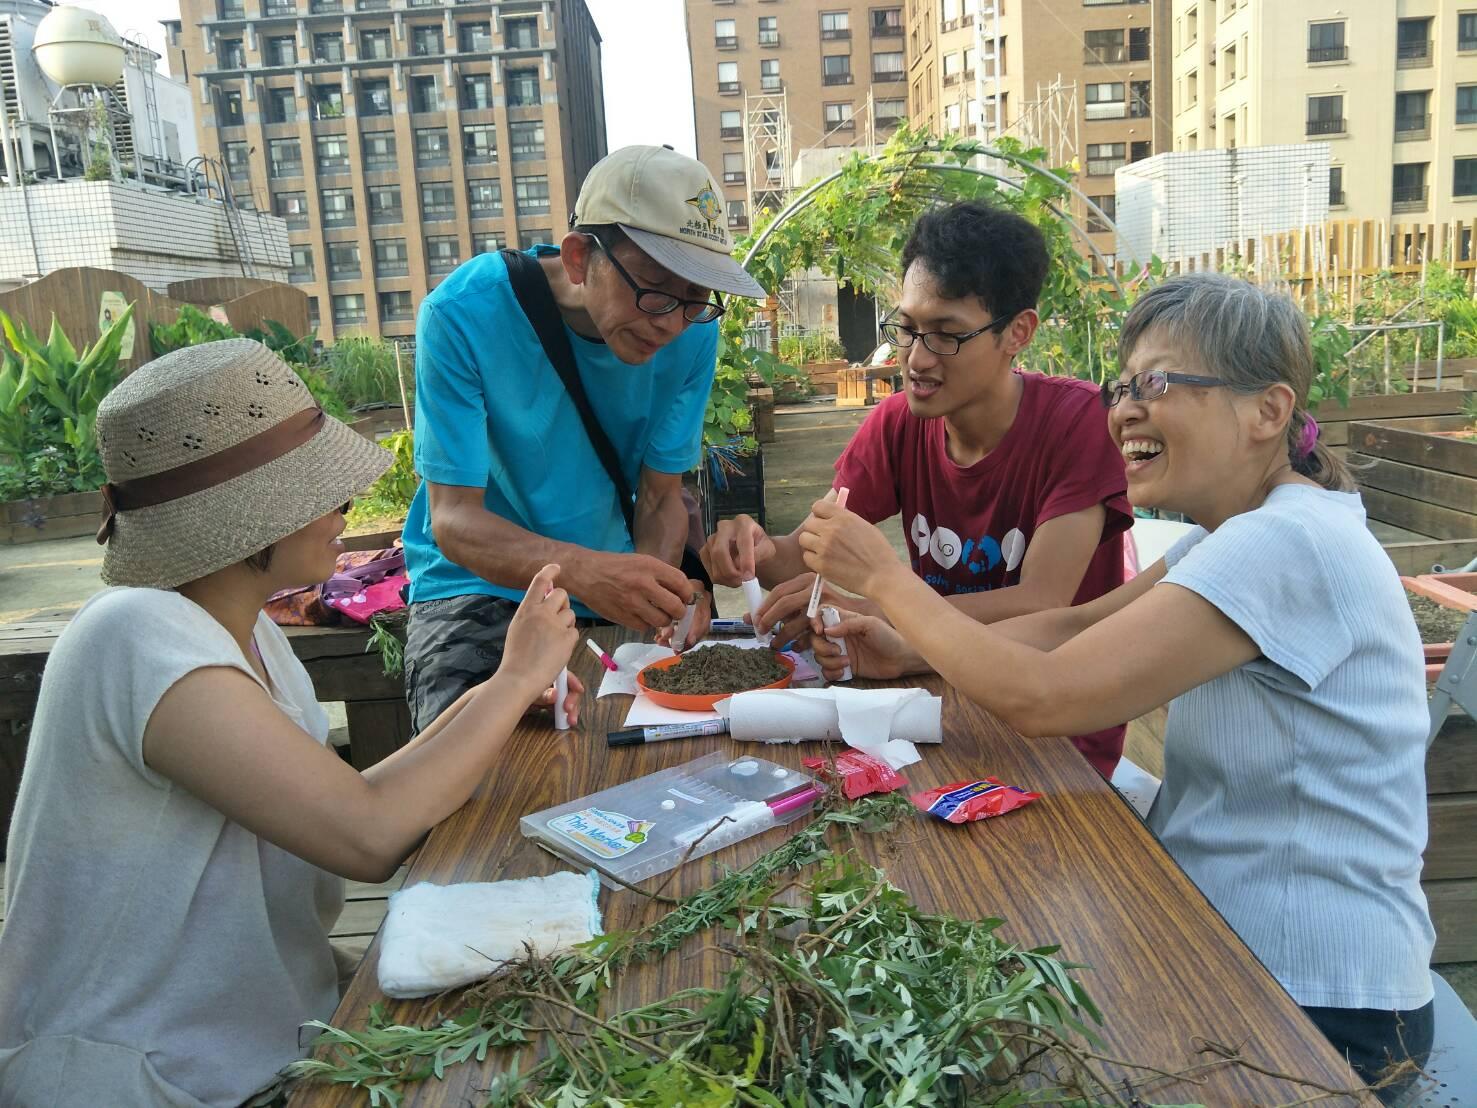 在園圃中做手工藝、話家常